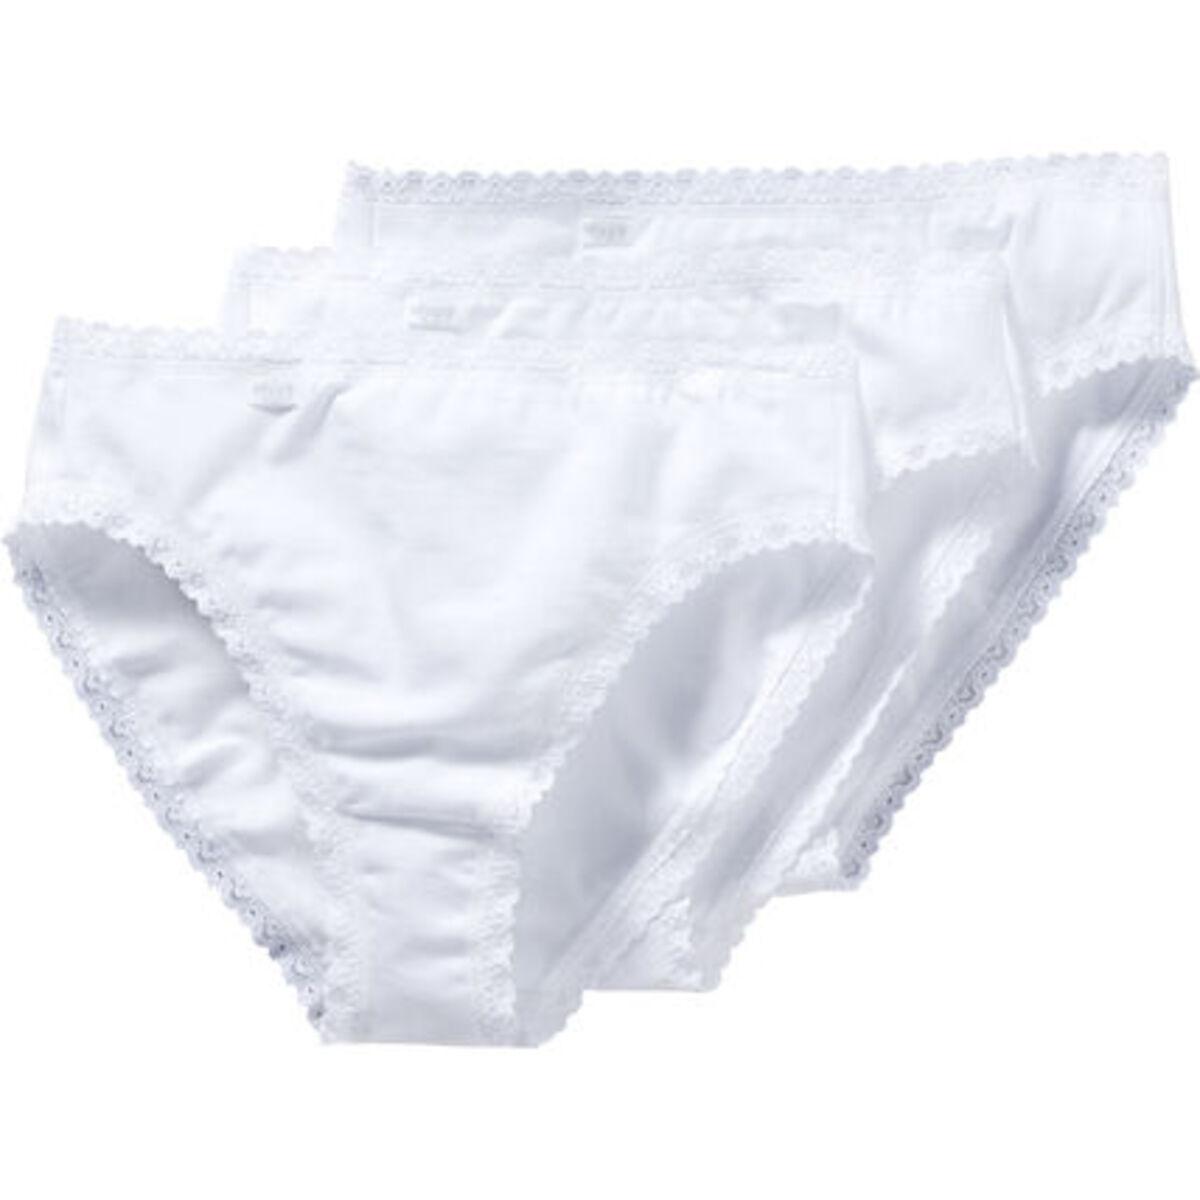 Bild 1 von Sloggi Tai-Slip, 3er-Pack, Baumwolle, für Damen